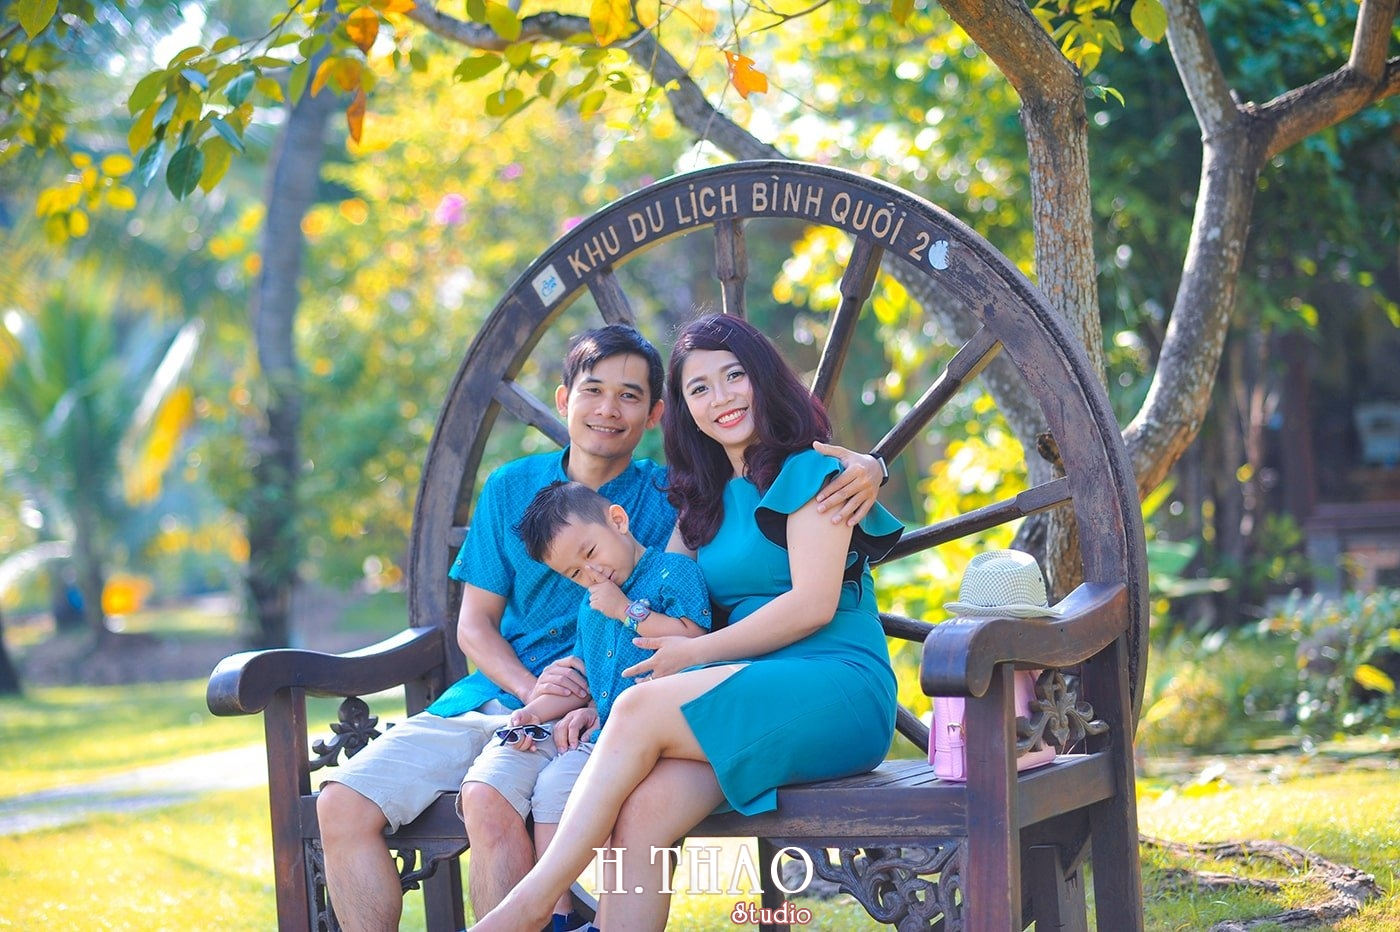 Anh gia dinh 3 nguoi 1 - Báo giá chụp hình gia đình